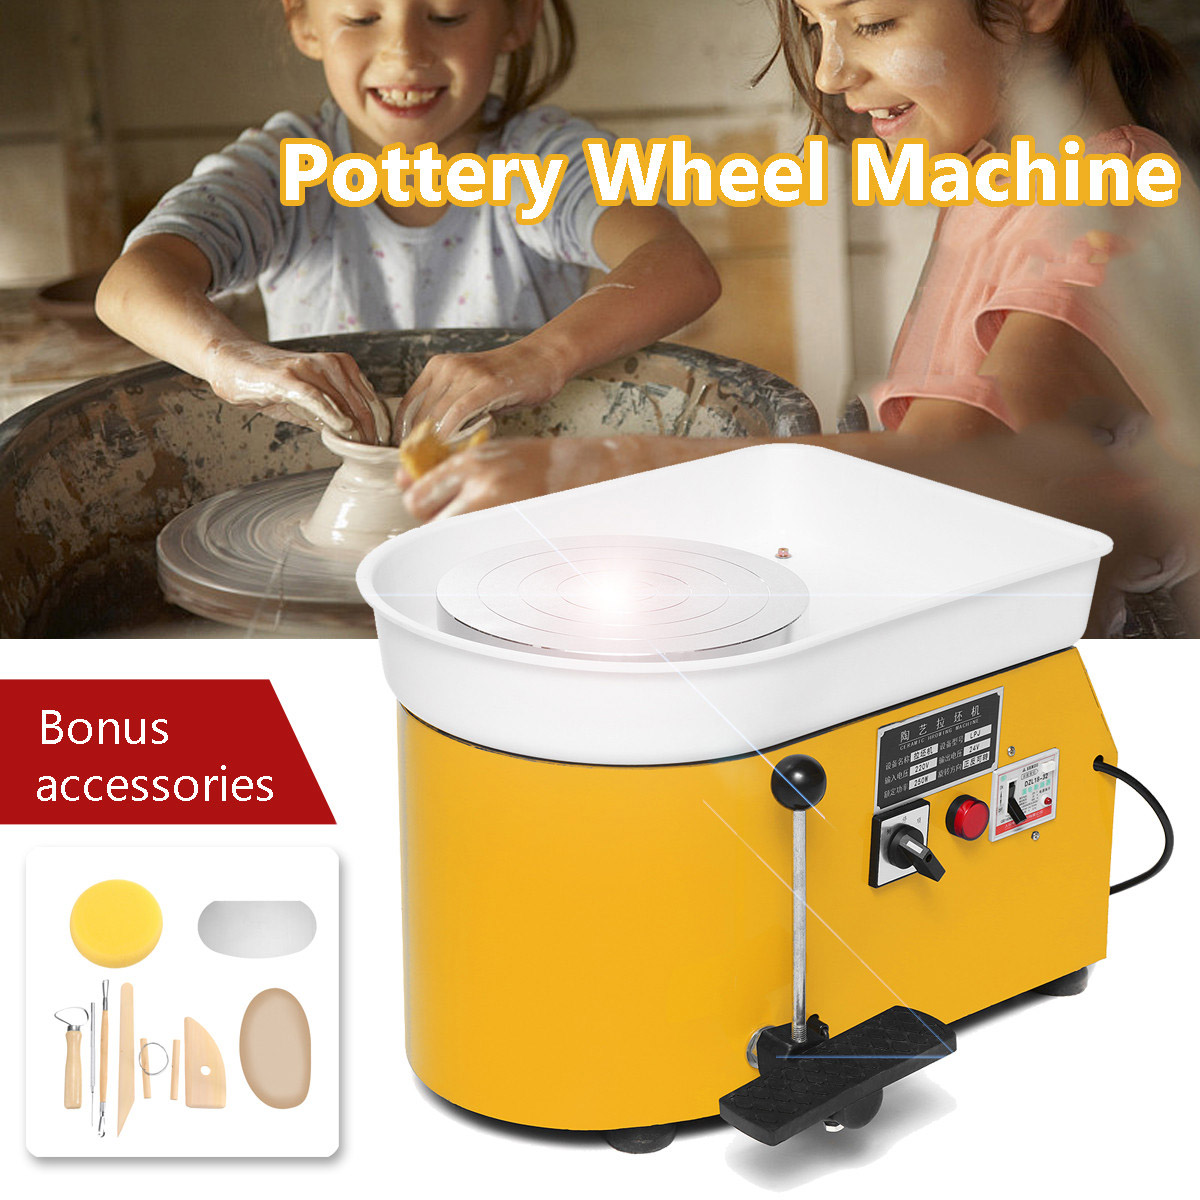 Poterie formant la Machine électrique poterie roue Machine accessoire céramique argile outil pied pédale Art artisanat 250 W 110 V céramique travail